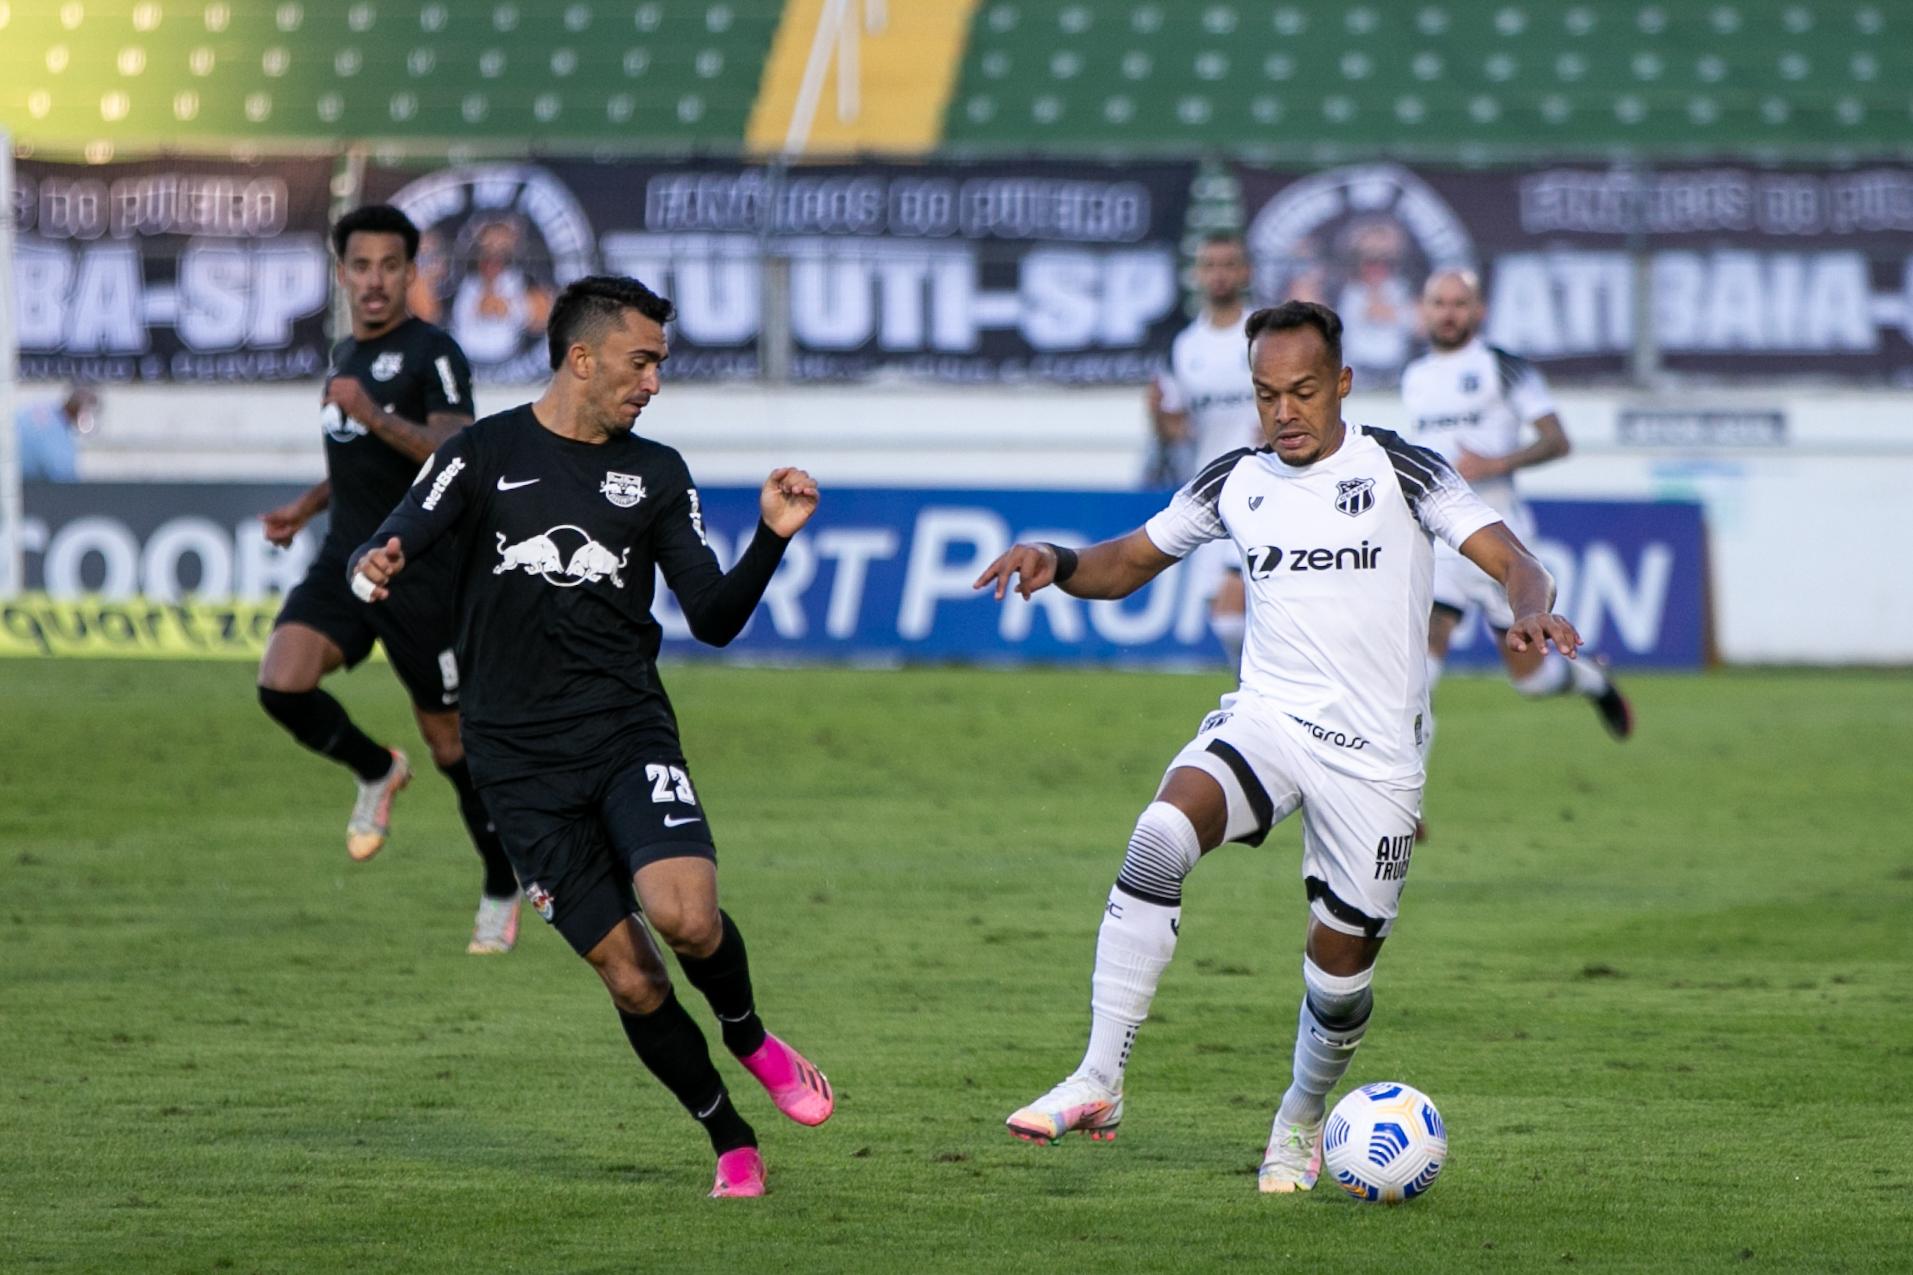 Contra o líder Bragantino, Ceará pontua fora de casa em empate sem gols